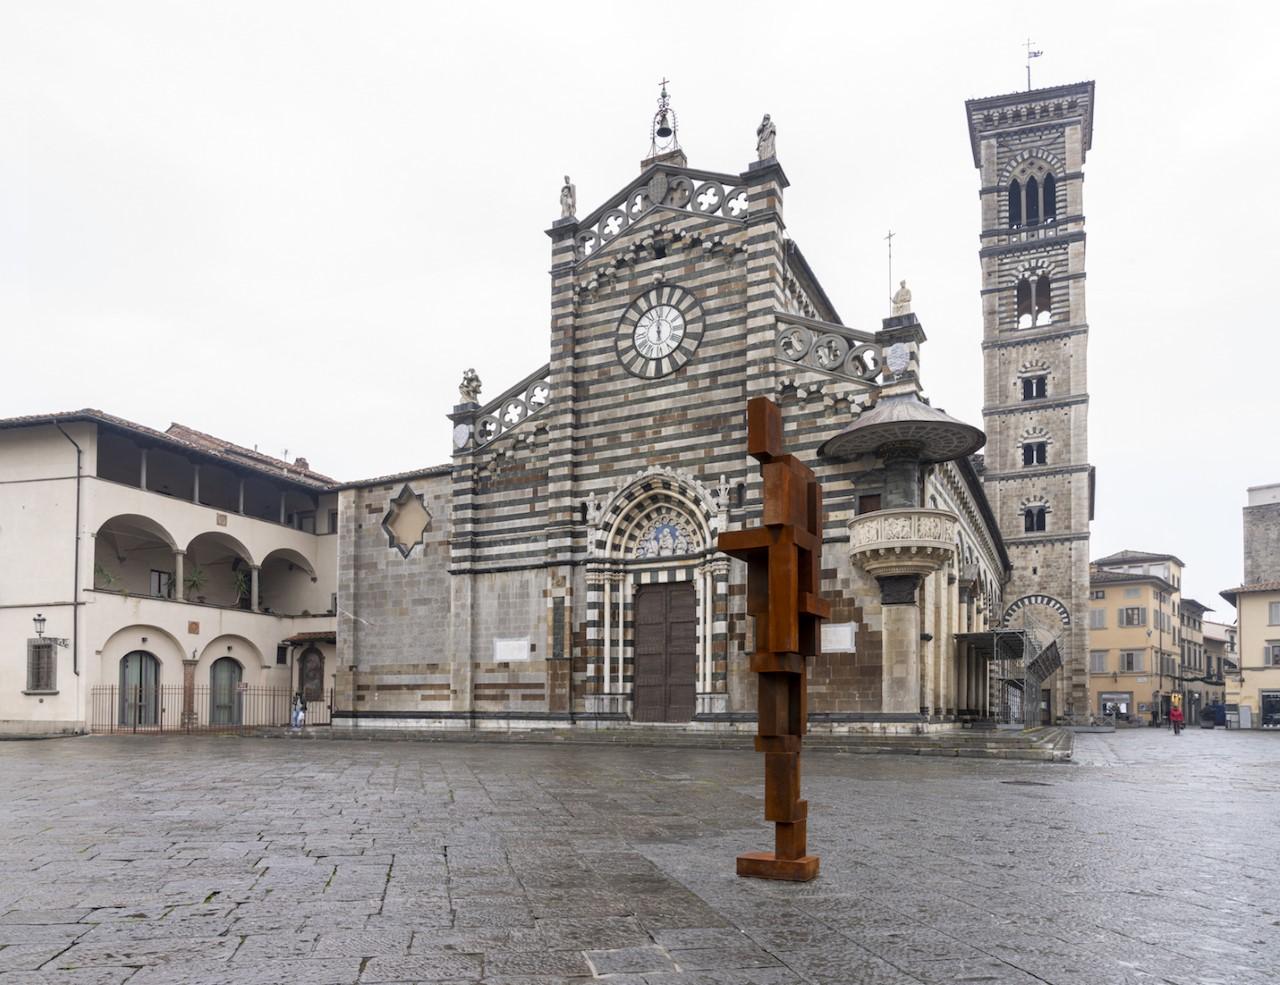 A tu per tu con Donatello e Michelozzo. Una mega scultura (3600 kg di ghisa) di Gormley in centro a Prato